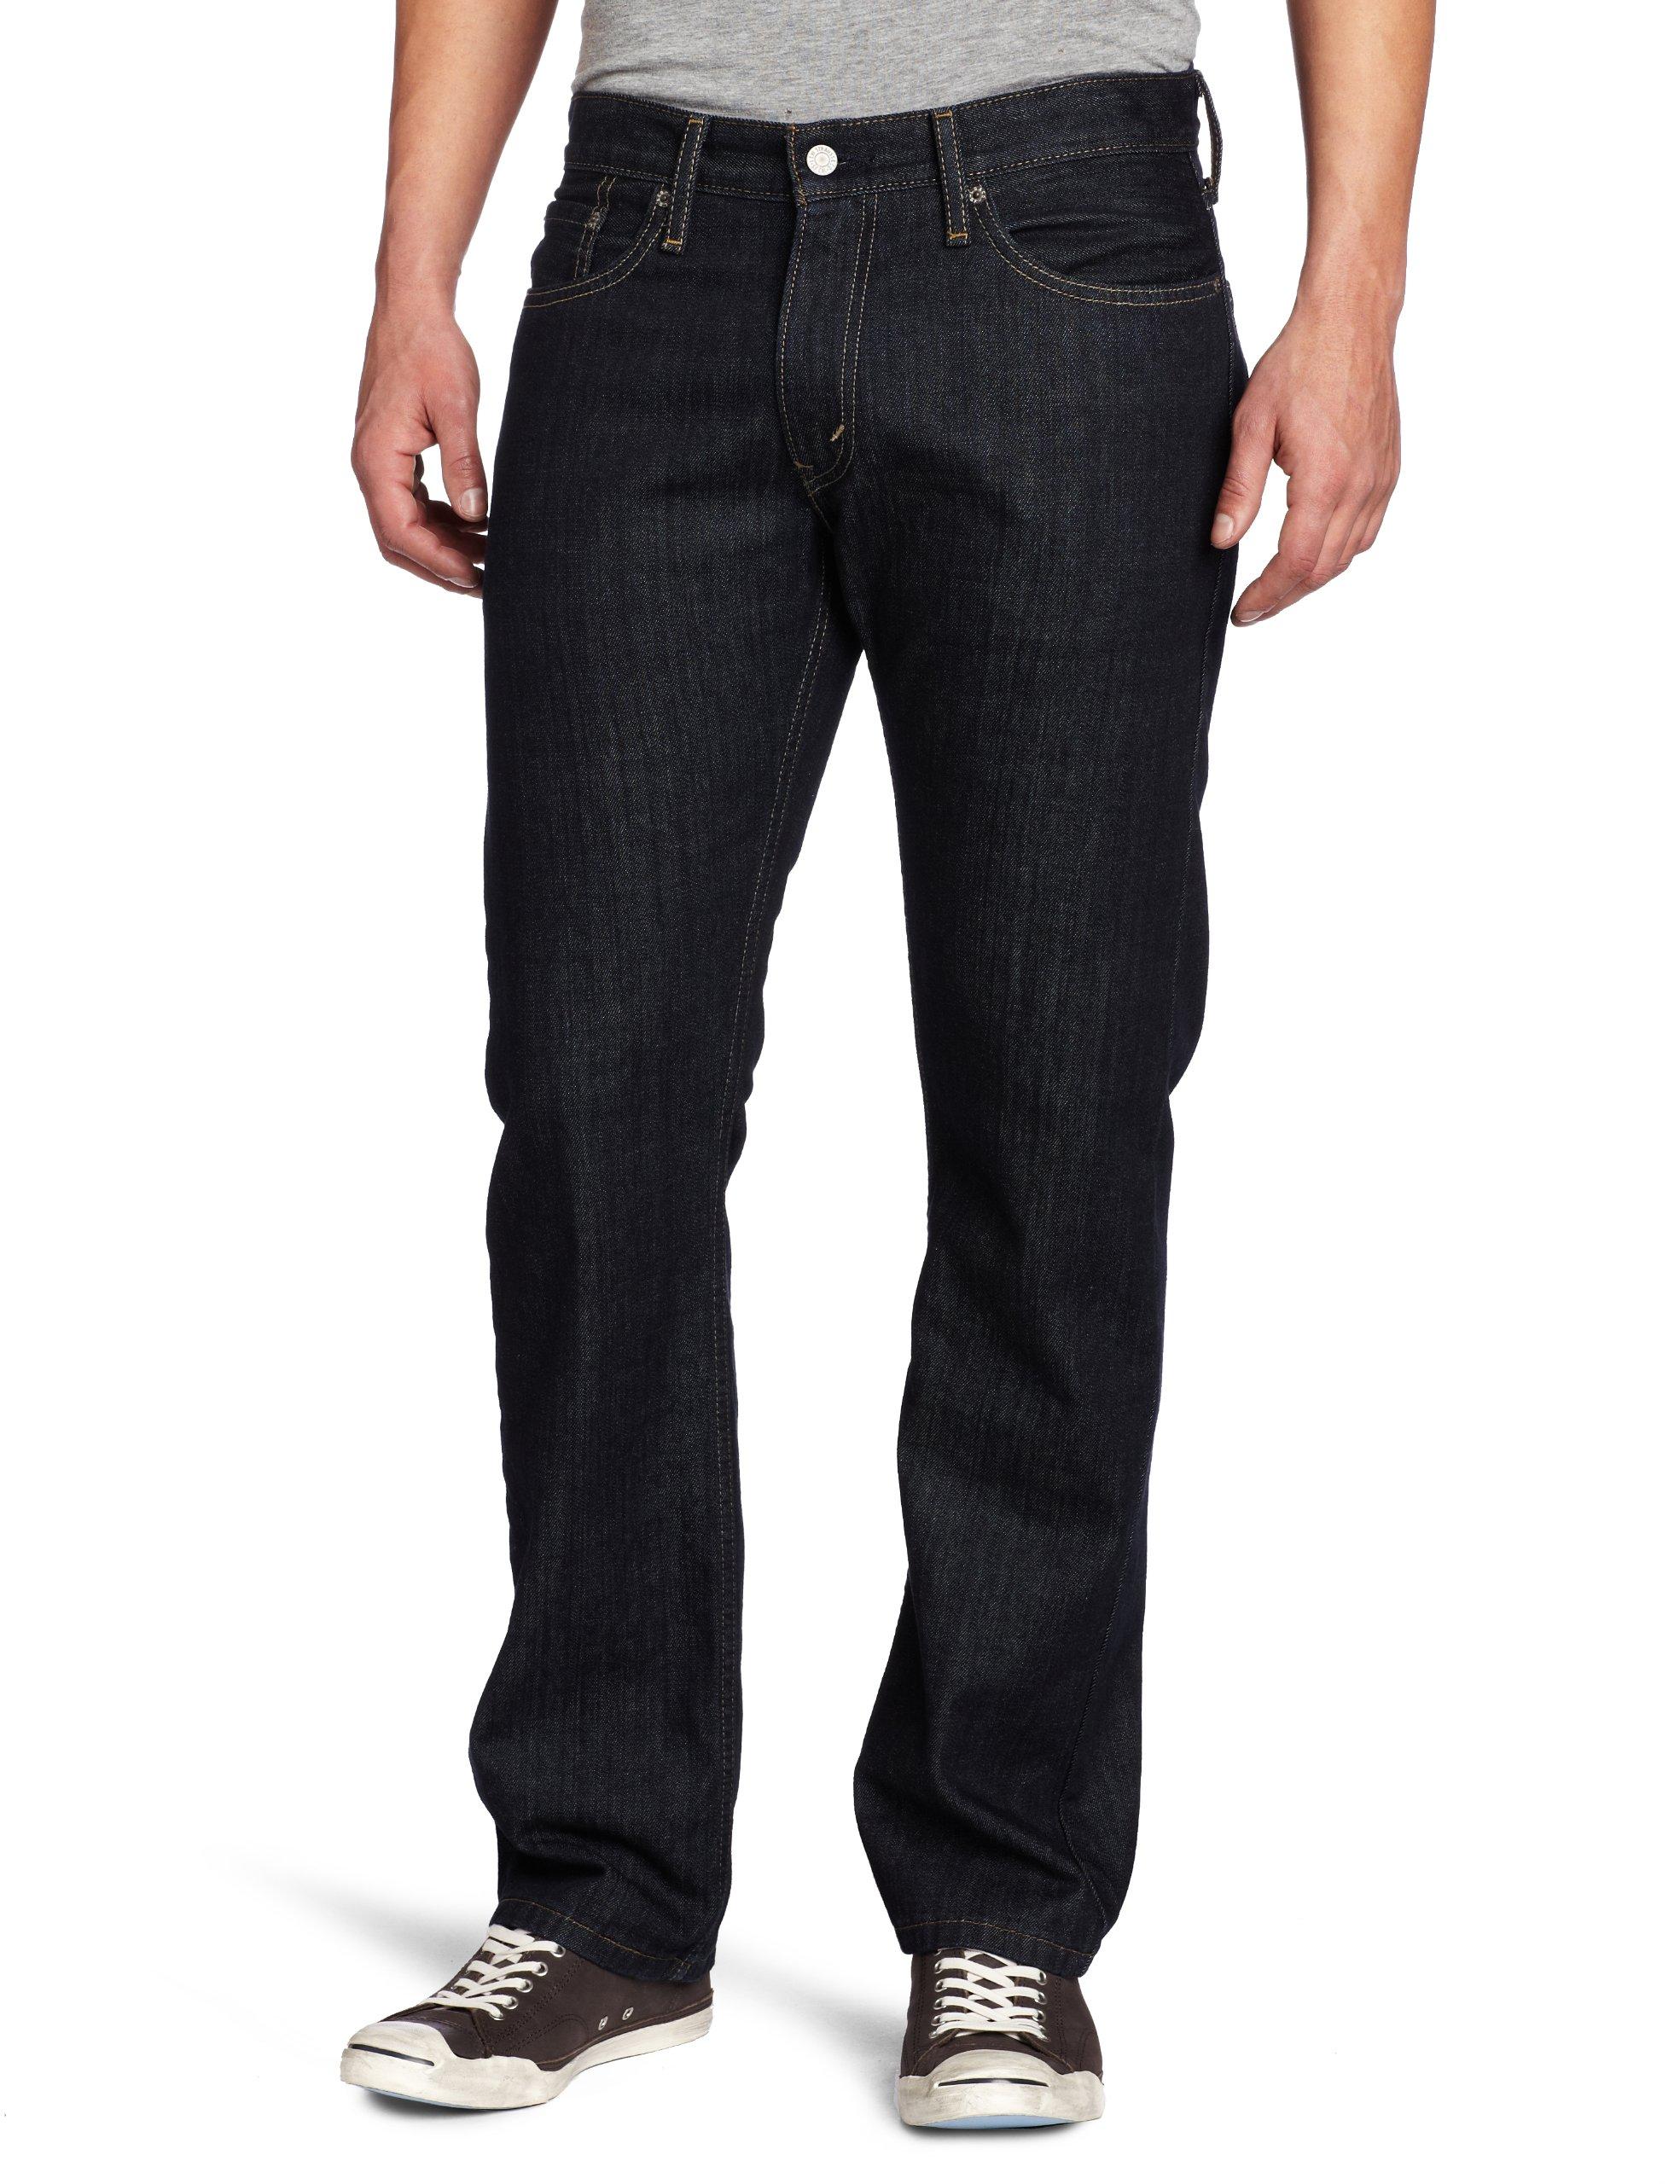 Levi's Men's 514 Straight fit Stretch Jean, Tumbled Rigid, 36x32